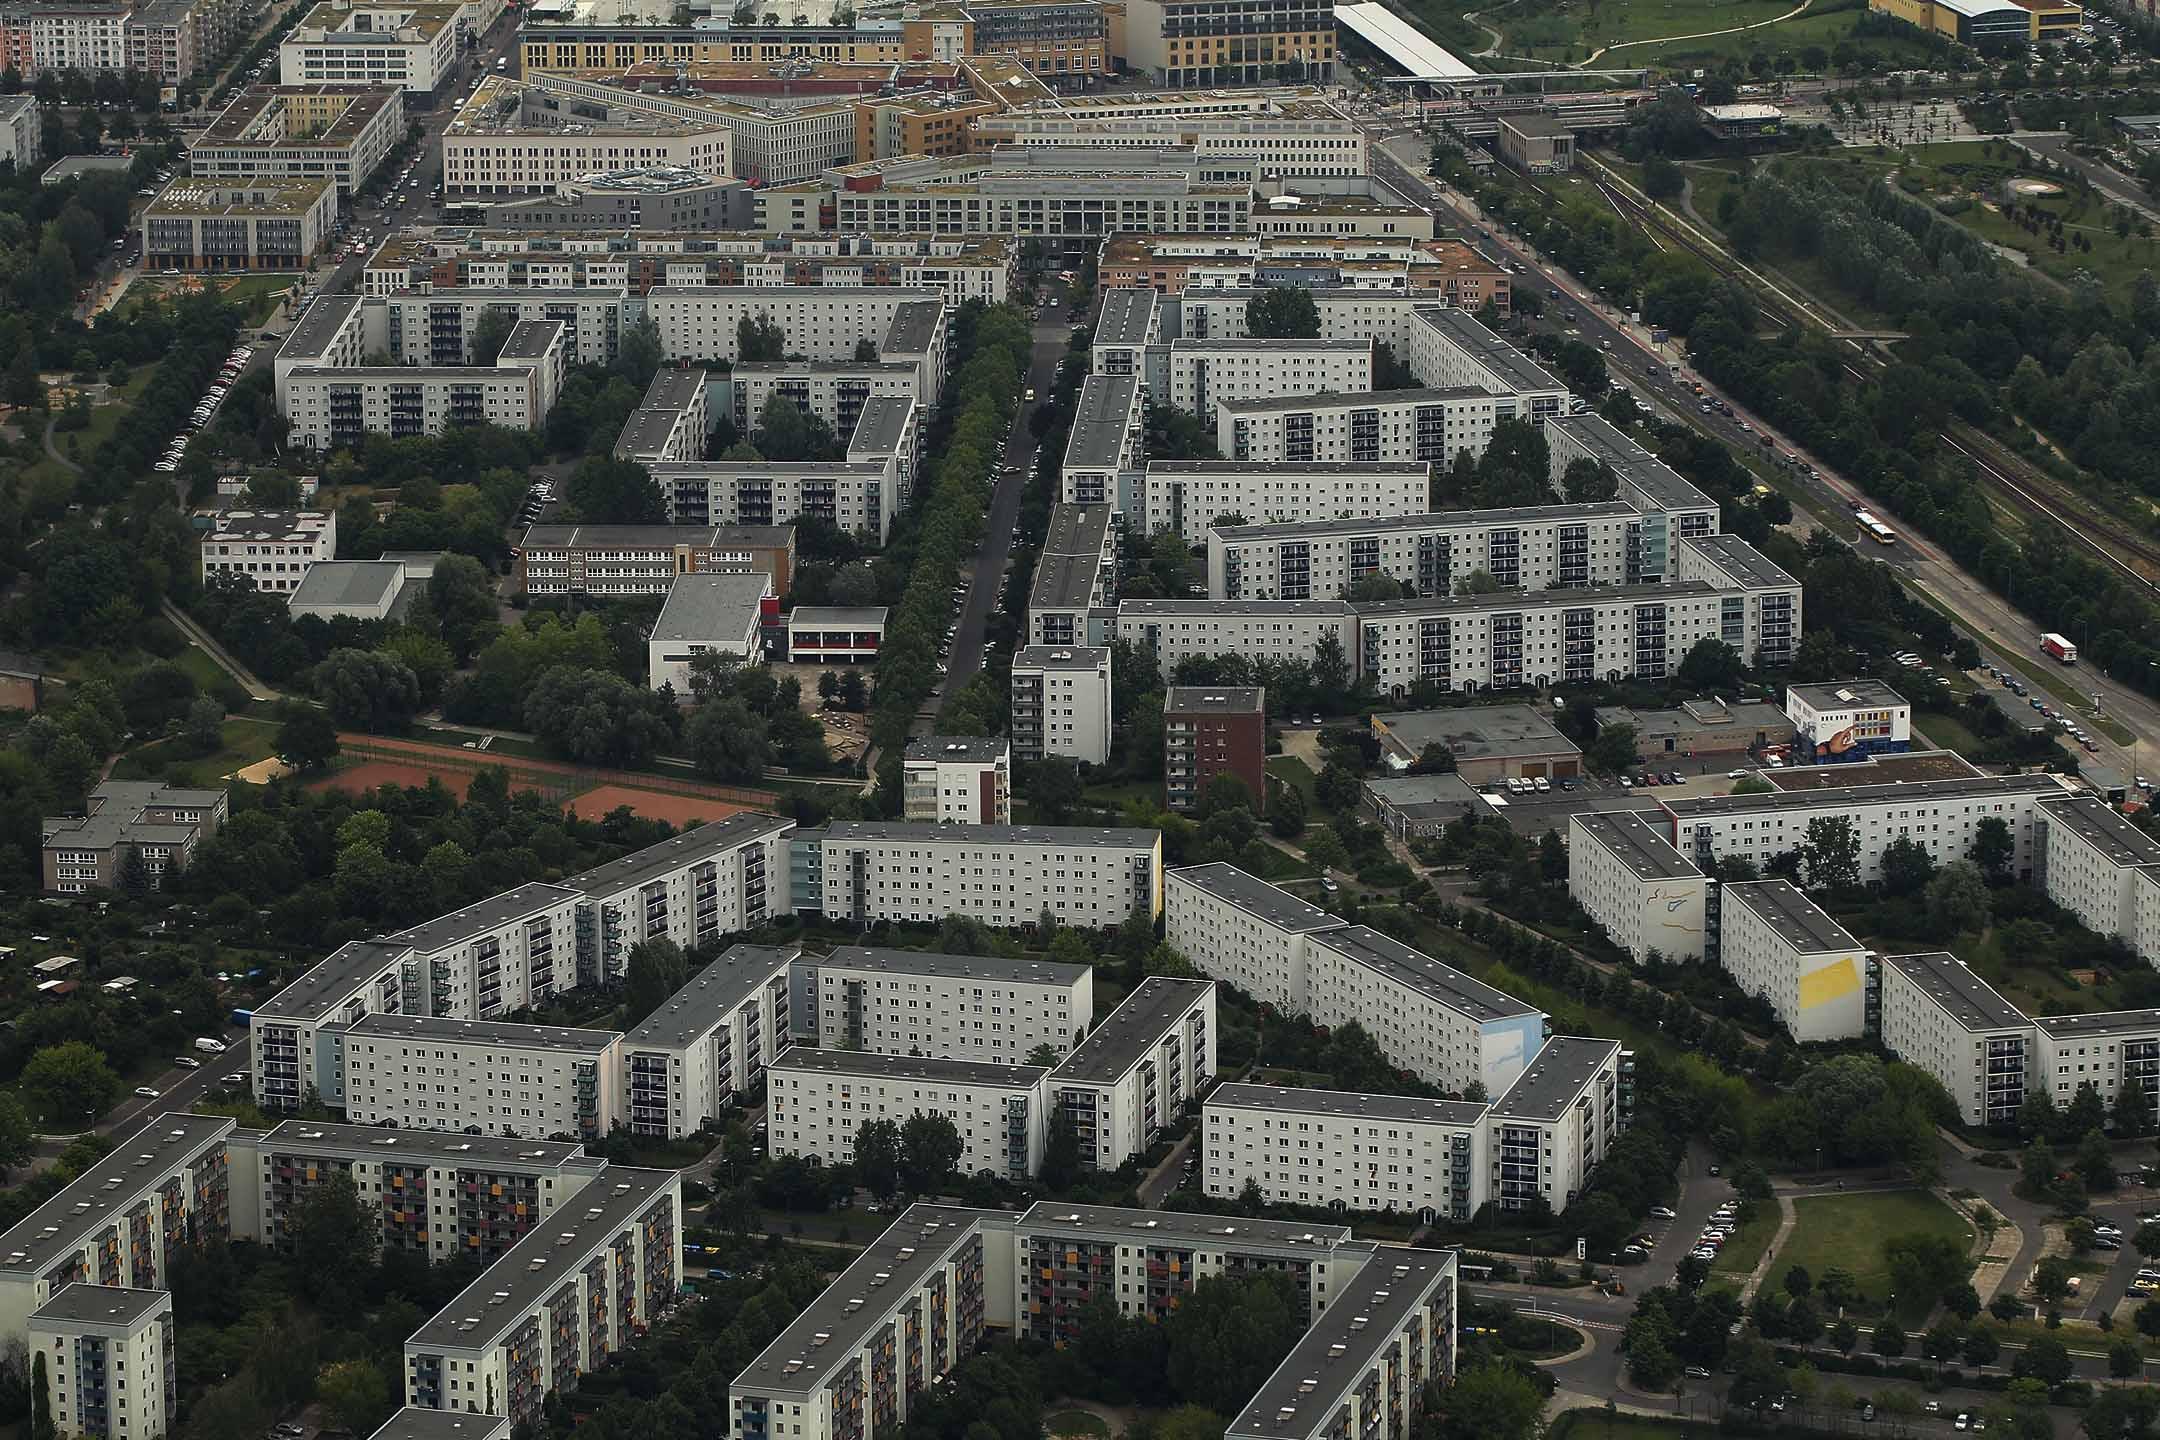 2012年6月27日德國柏林,共產主義時代的公寓樓矗立在柏林東郊。